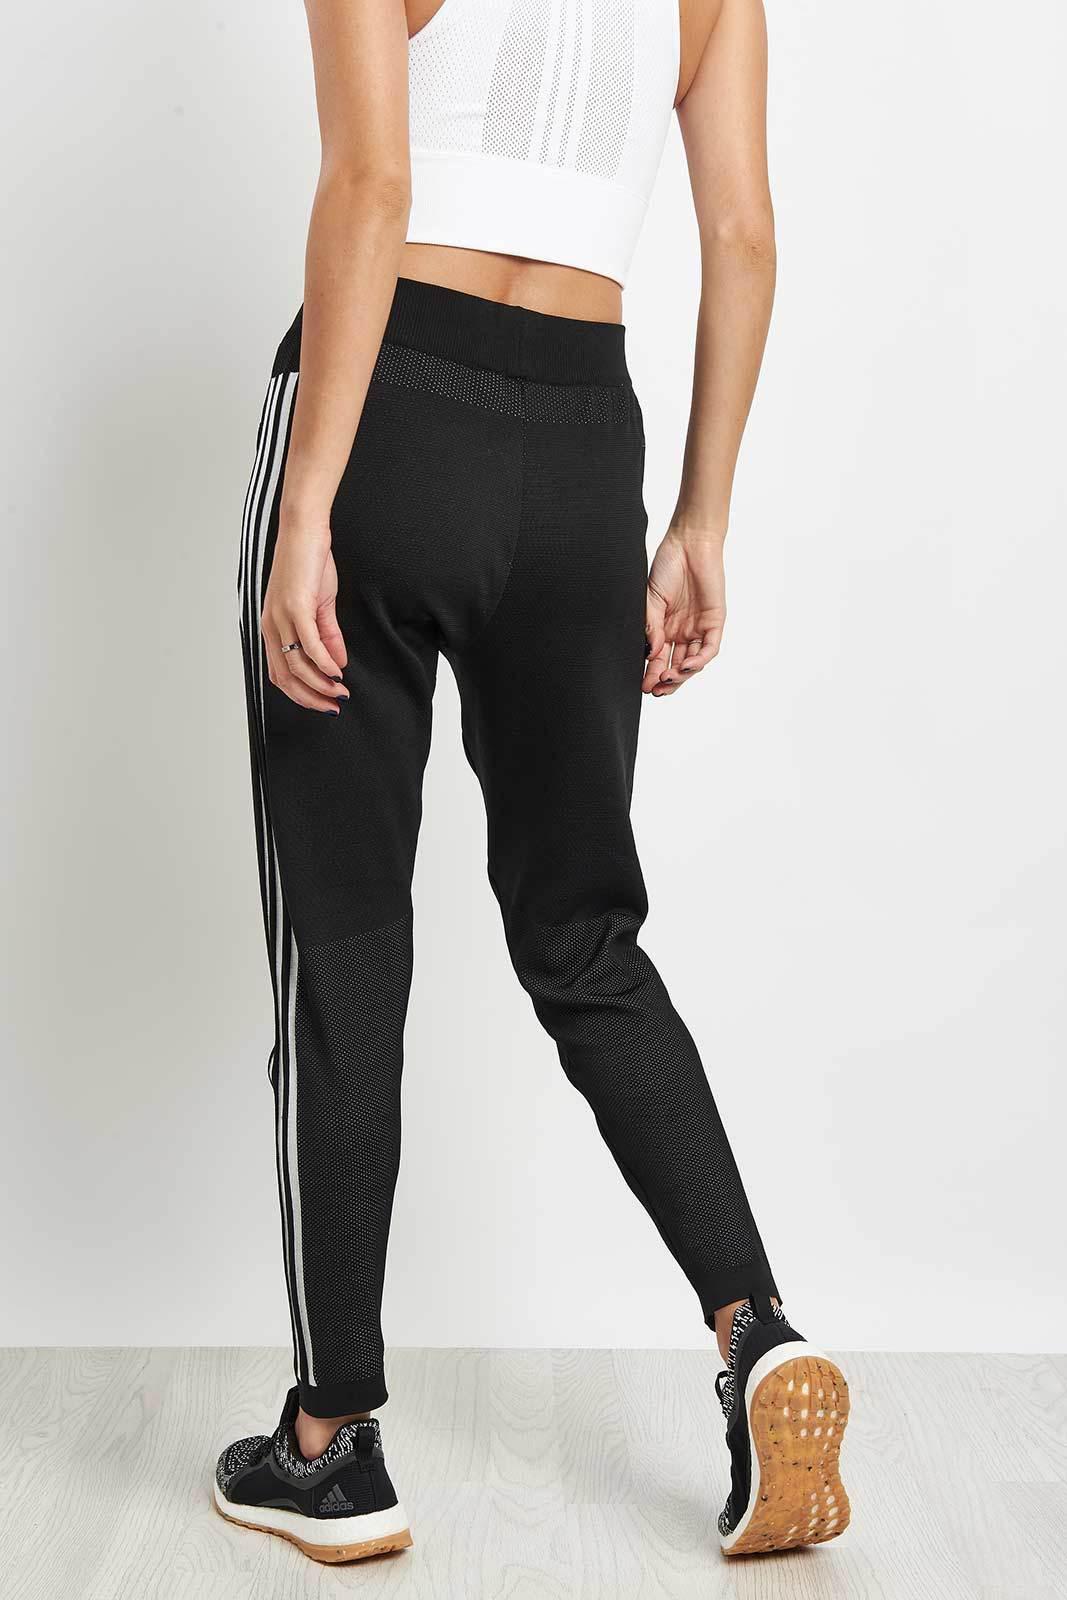 70ff7ac4059a adidas Id Striker Pants in Black - Lyst